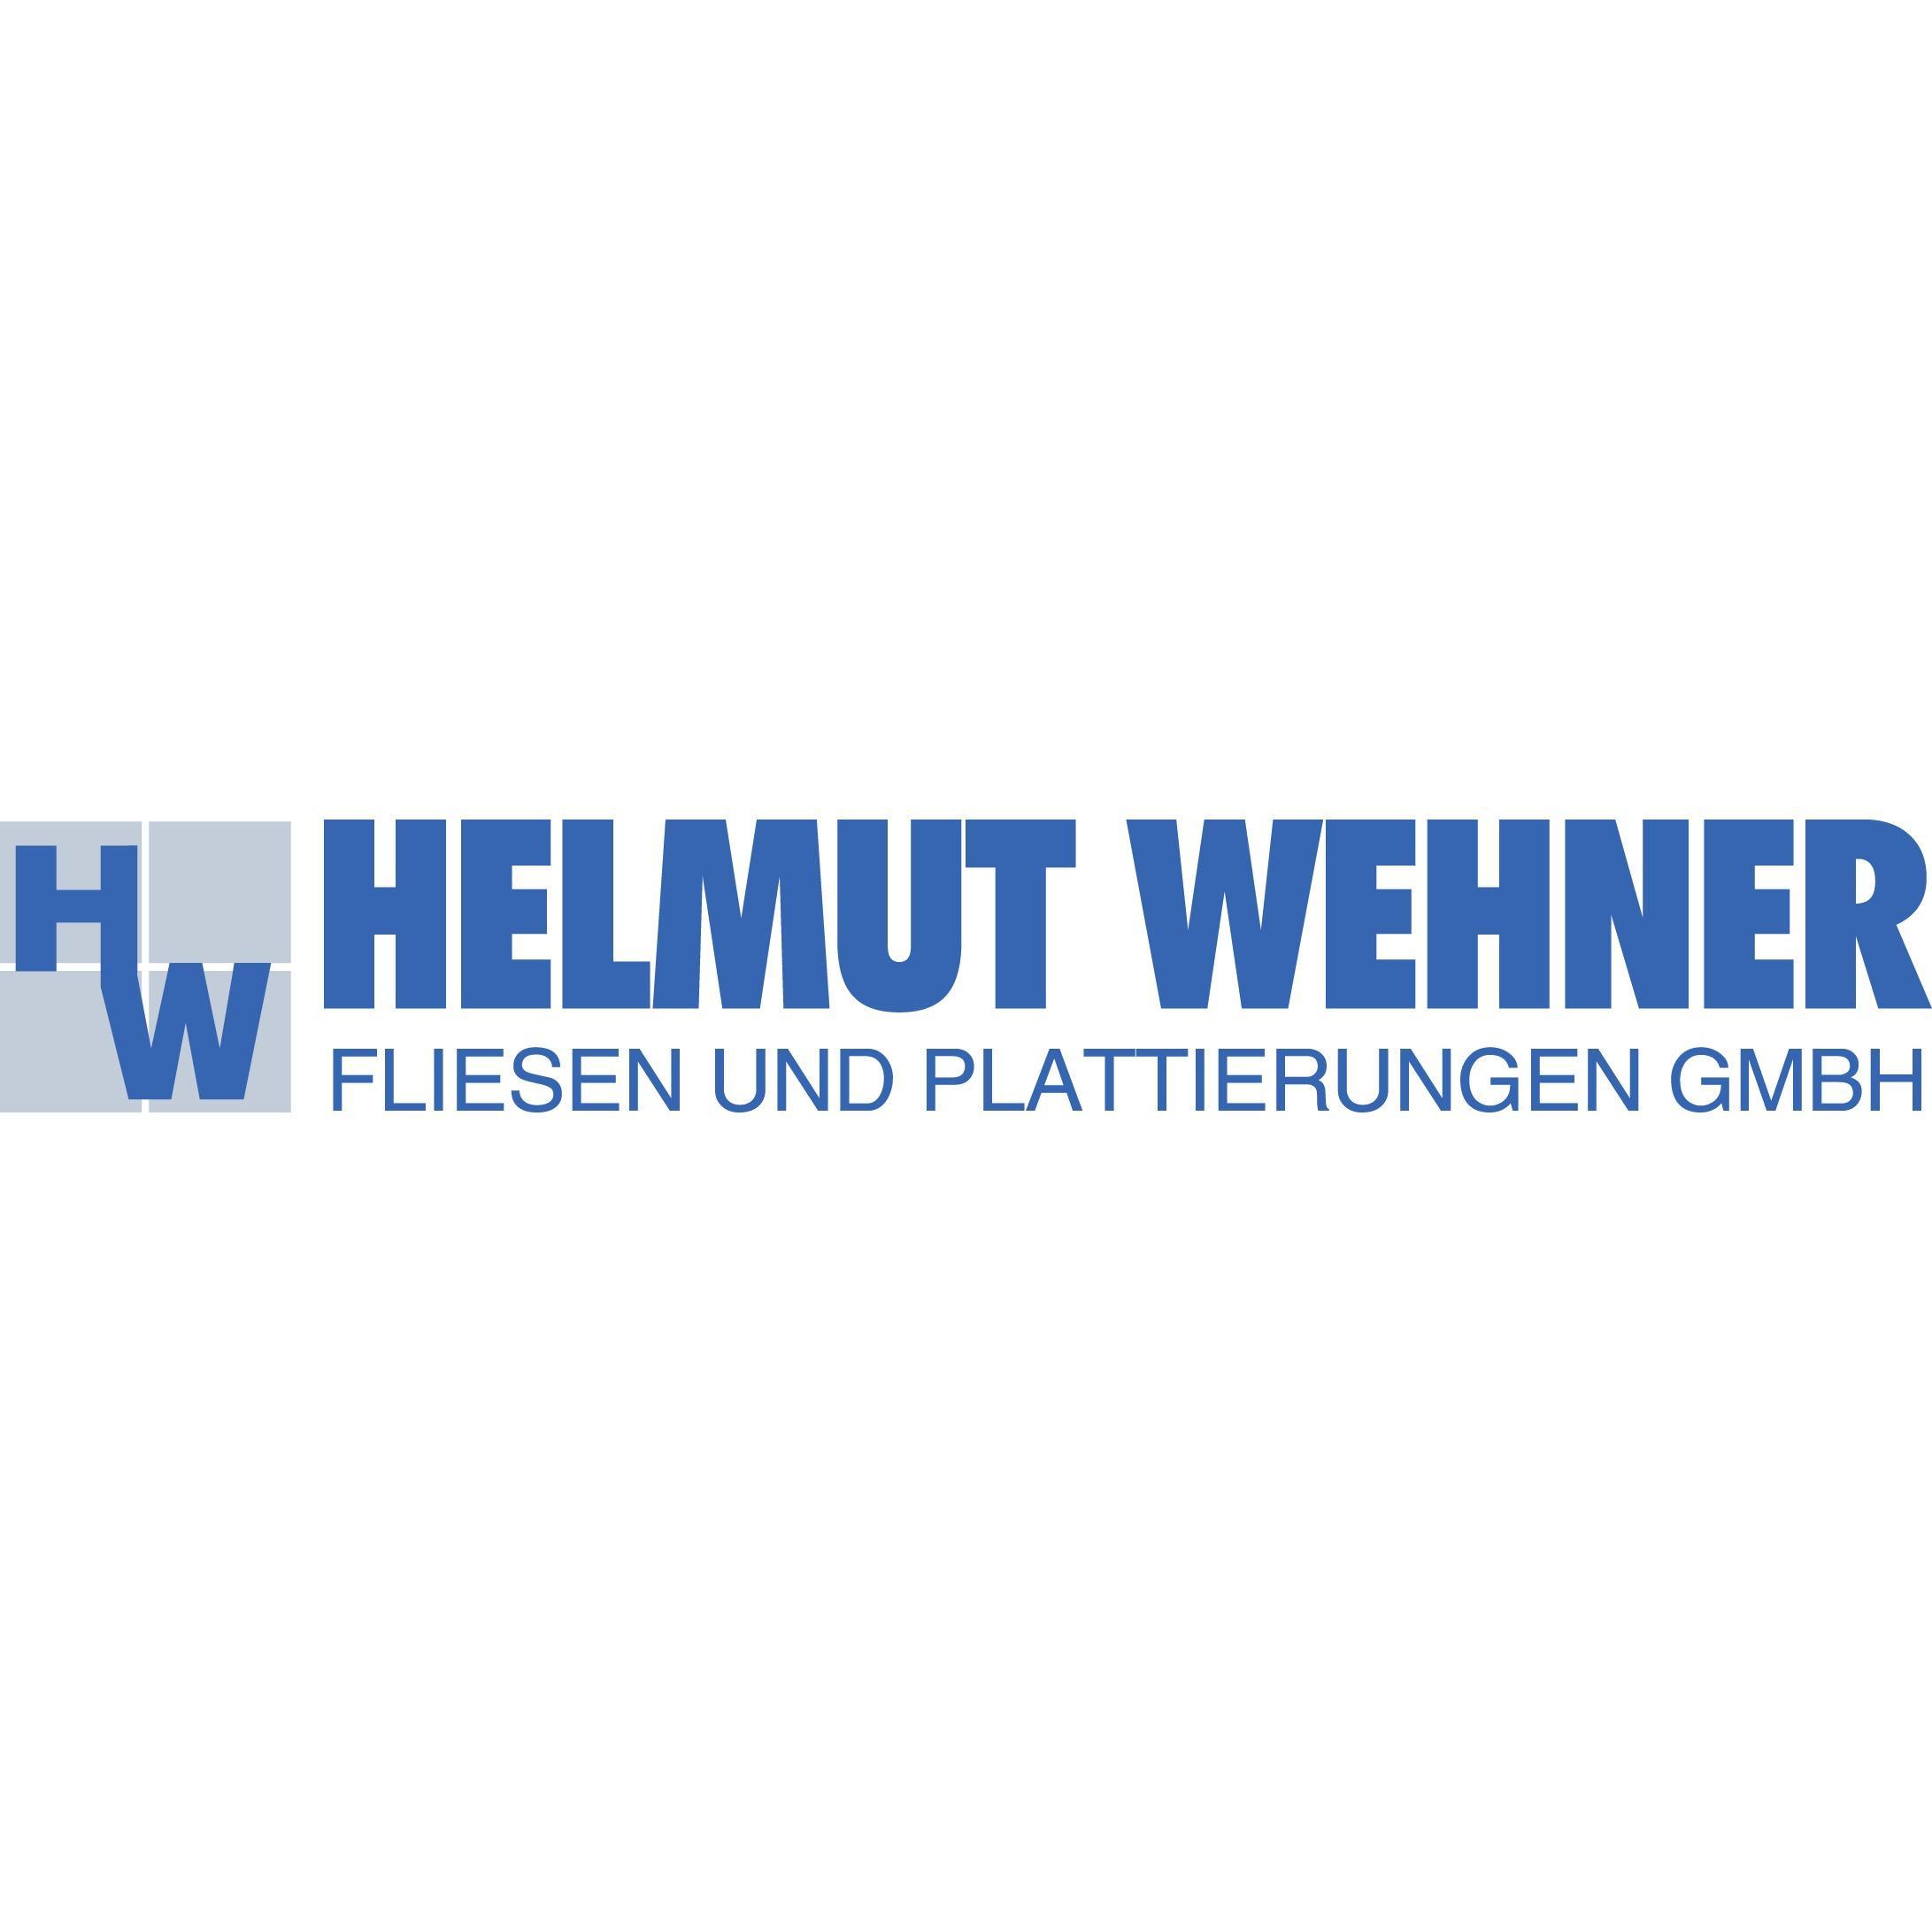 Bild zu Helmut Wehner Fliesen und Plattierungen GmbH in Essen